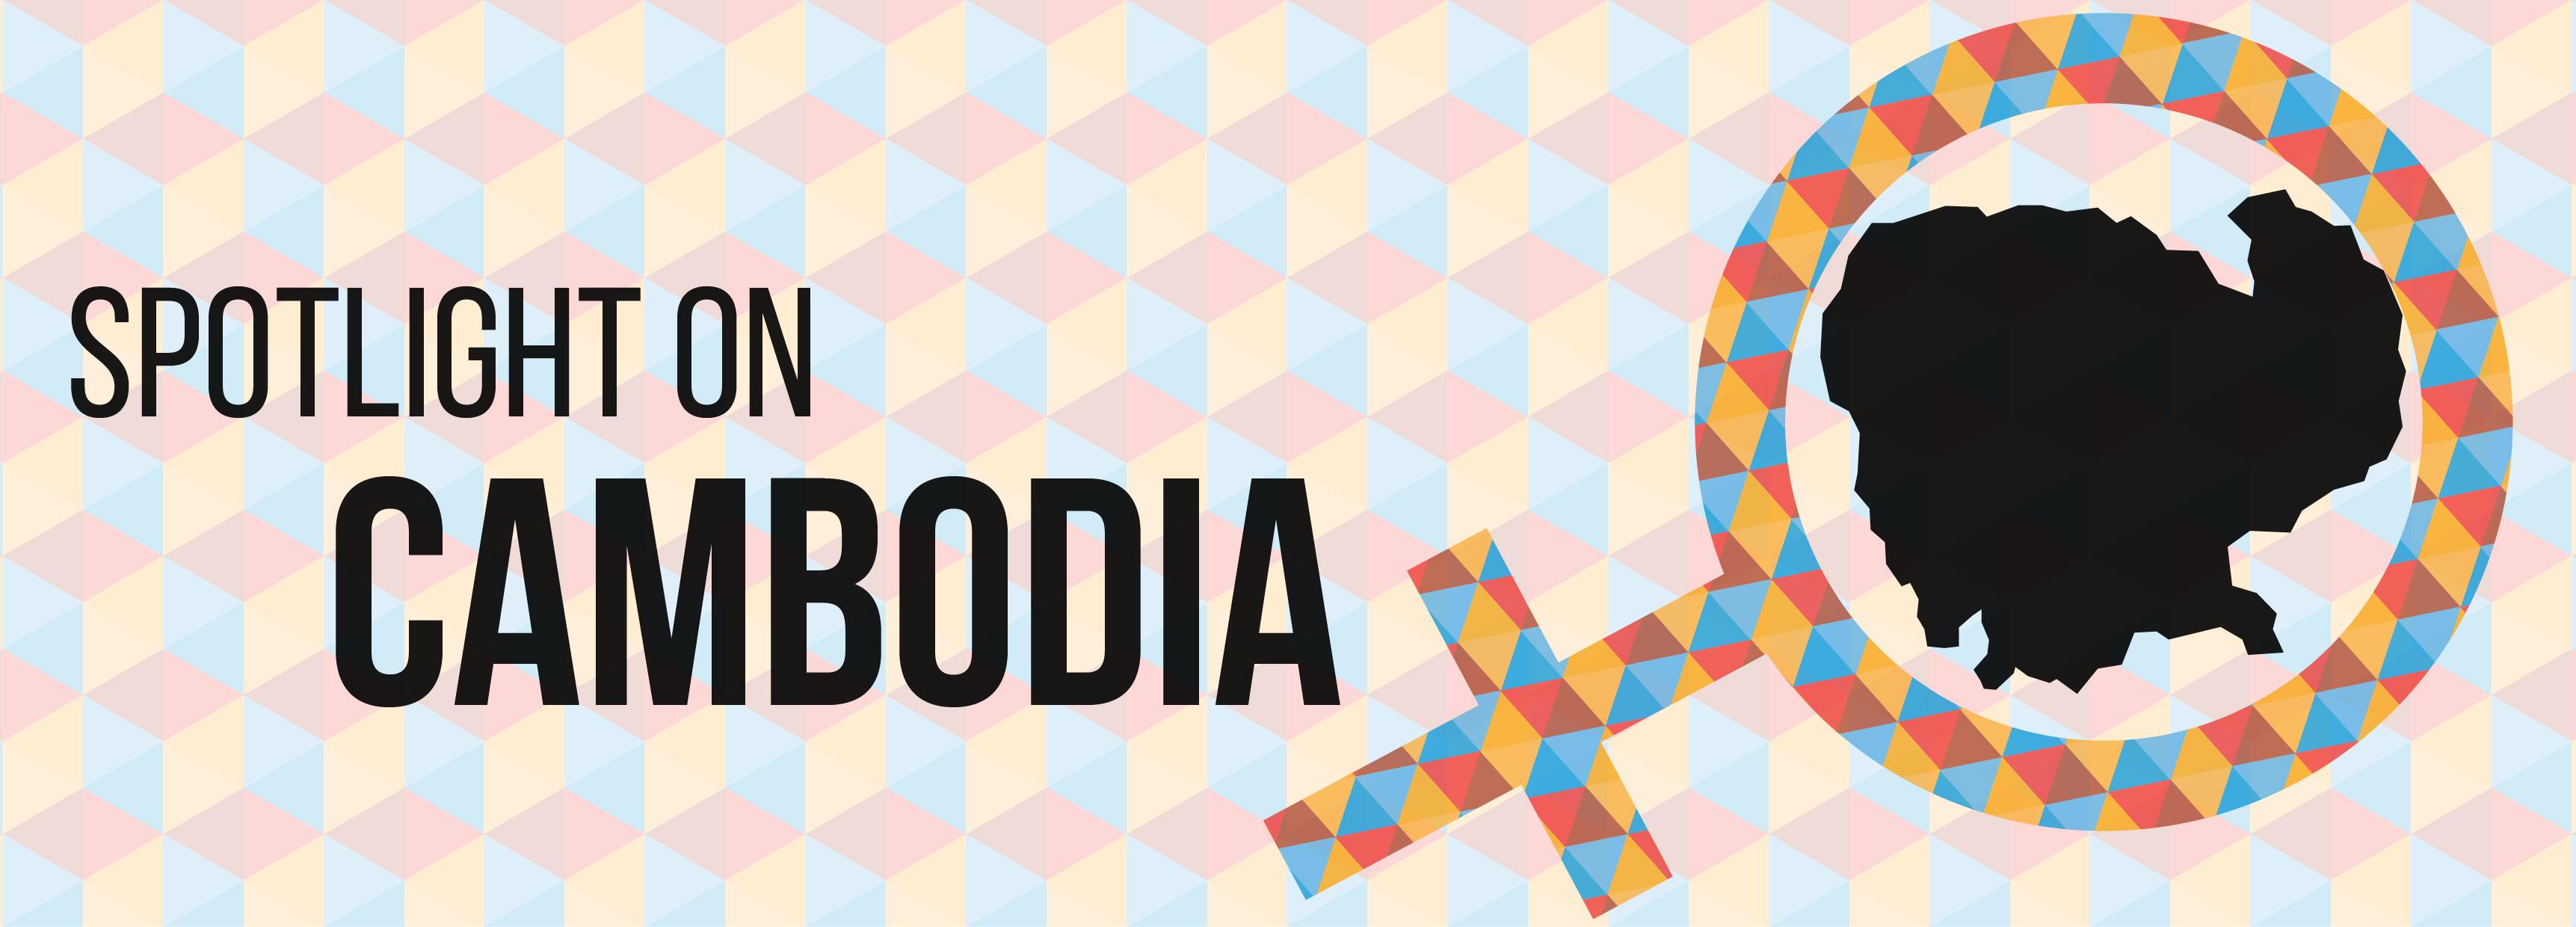 Blog Headers_spotlight on Cambodia